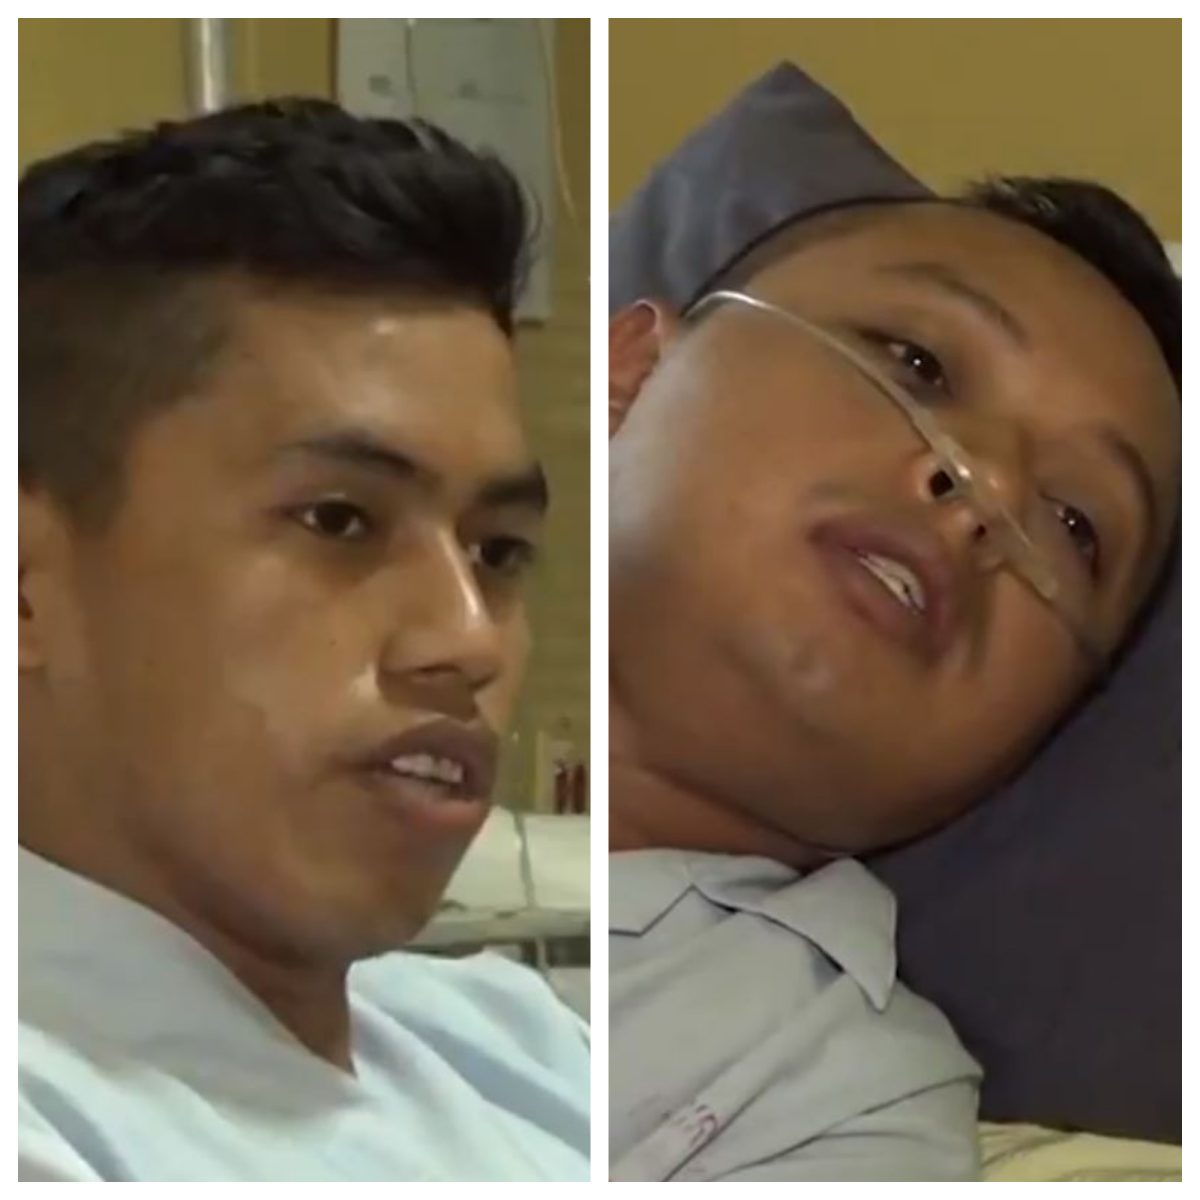 Soldados que sobrevivieron a supuesta emboscada en Izabal narran su versión de los hechos desde un hospital